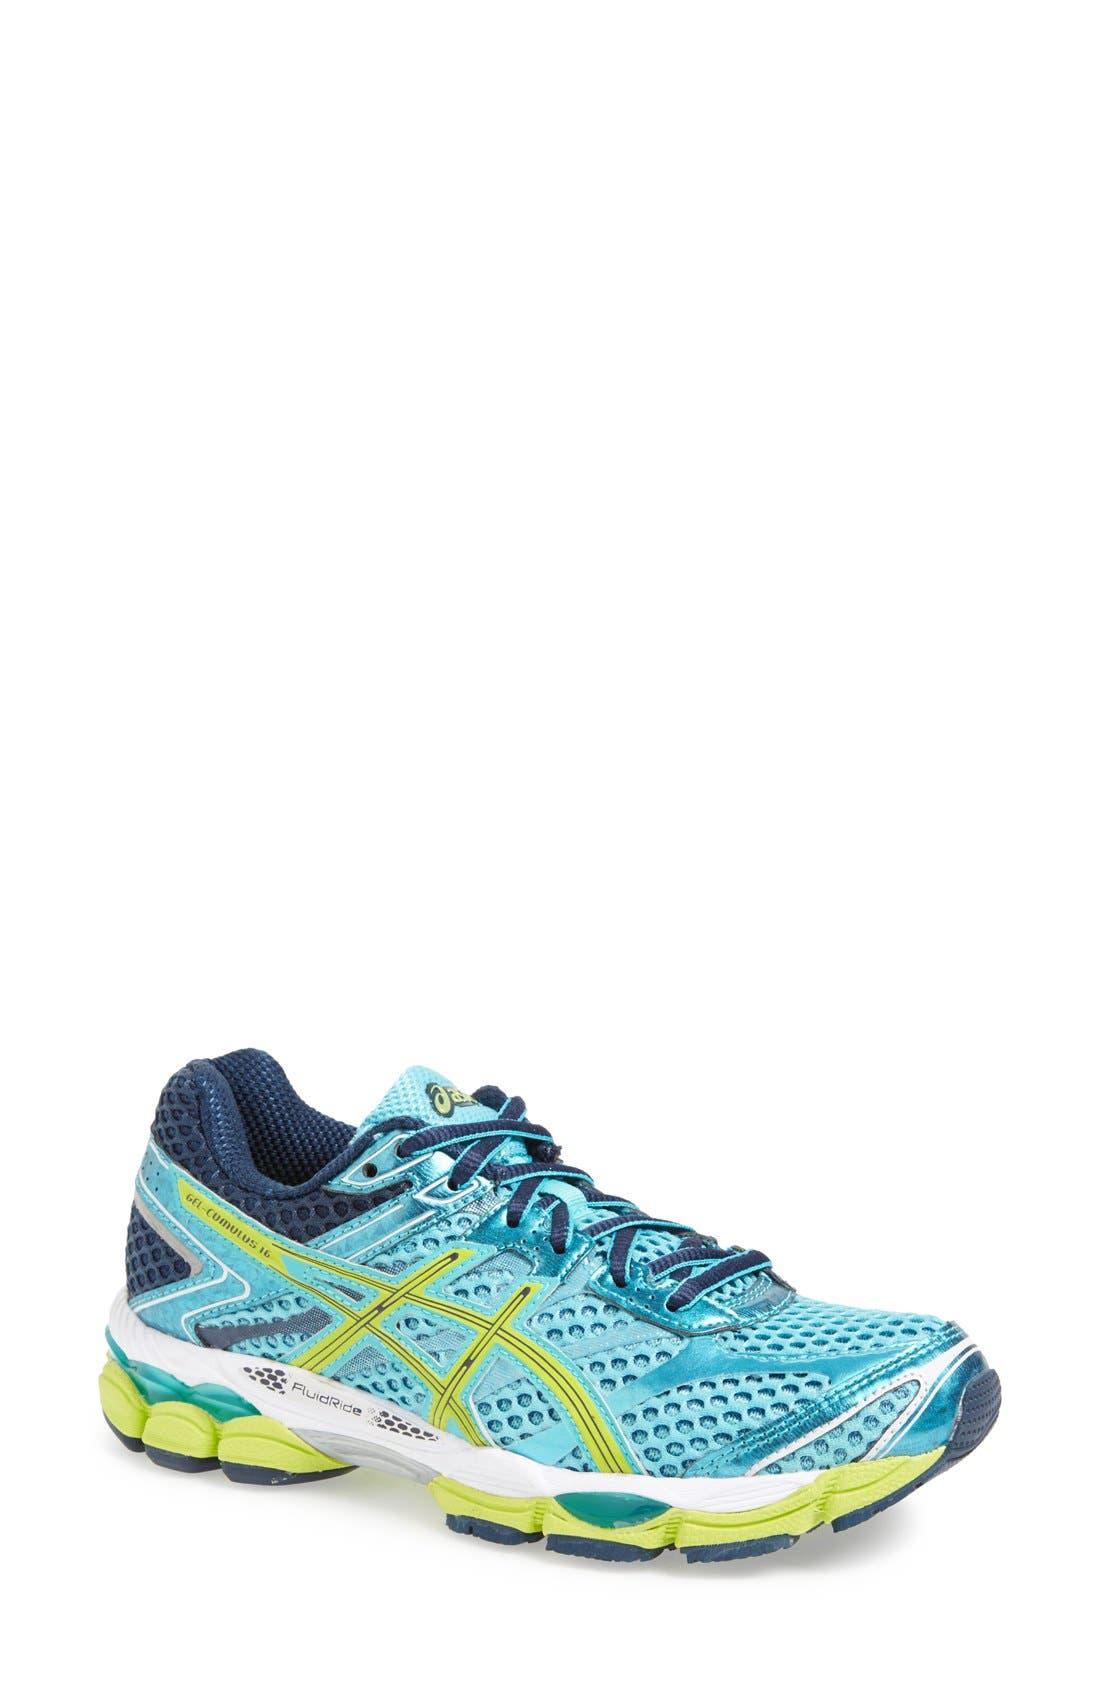 Alternate Image 1 Selected - ASICS® 'GEL-Cumulus® 16' Running Shoe (Women)